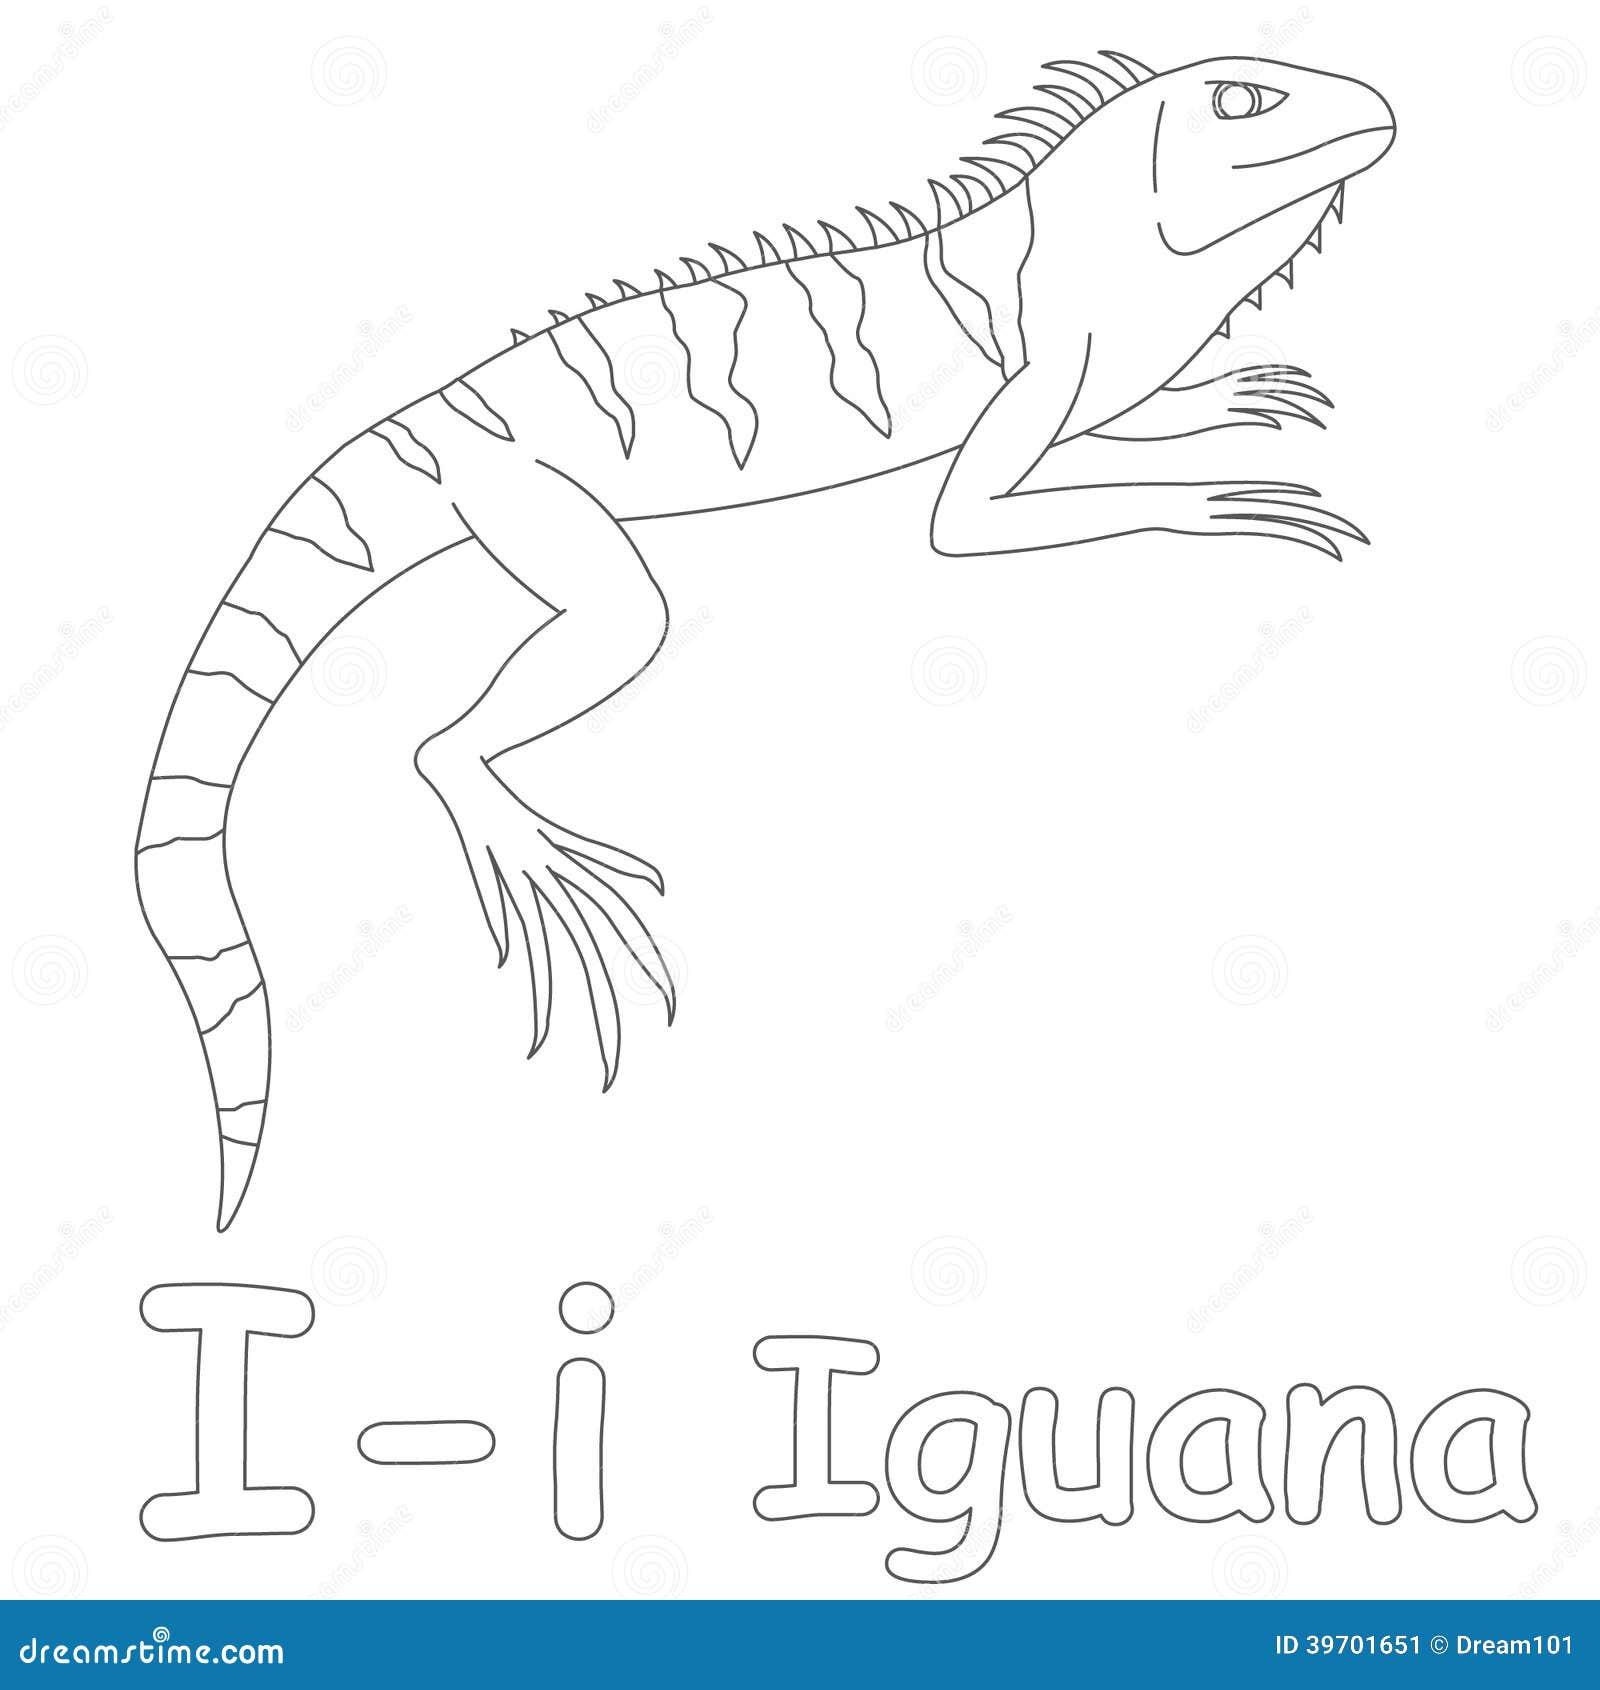 Amazoncom iguana books Books